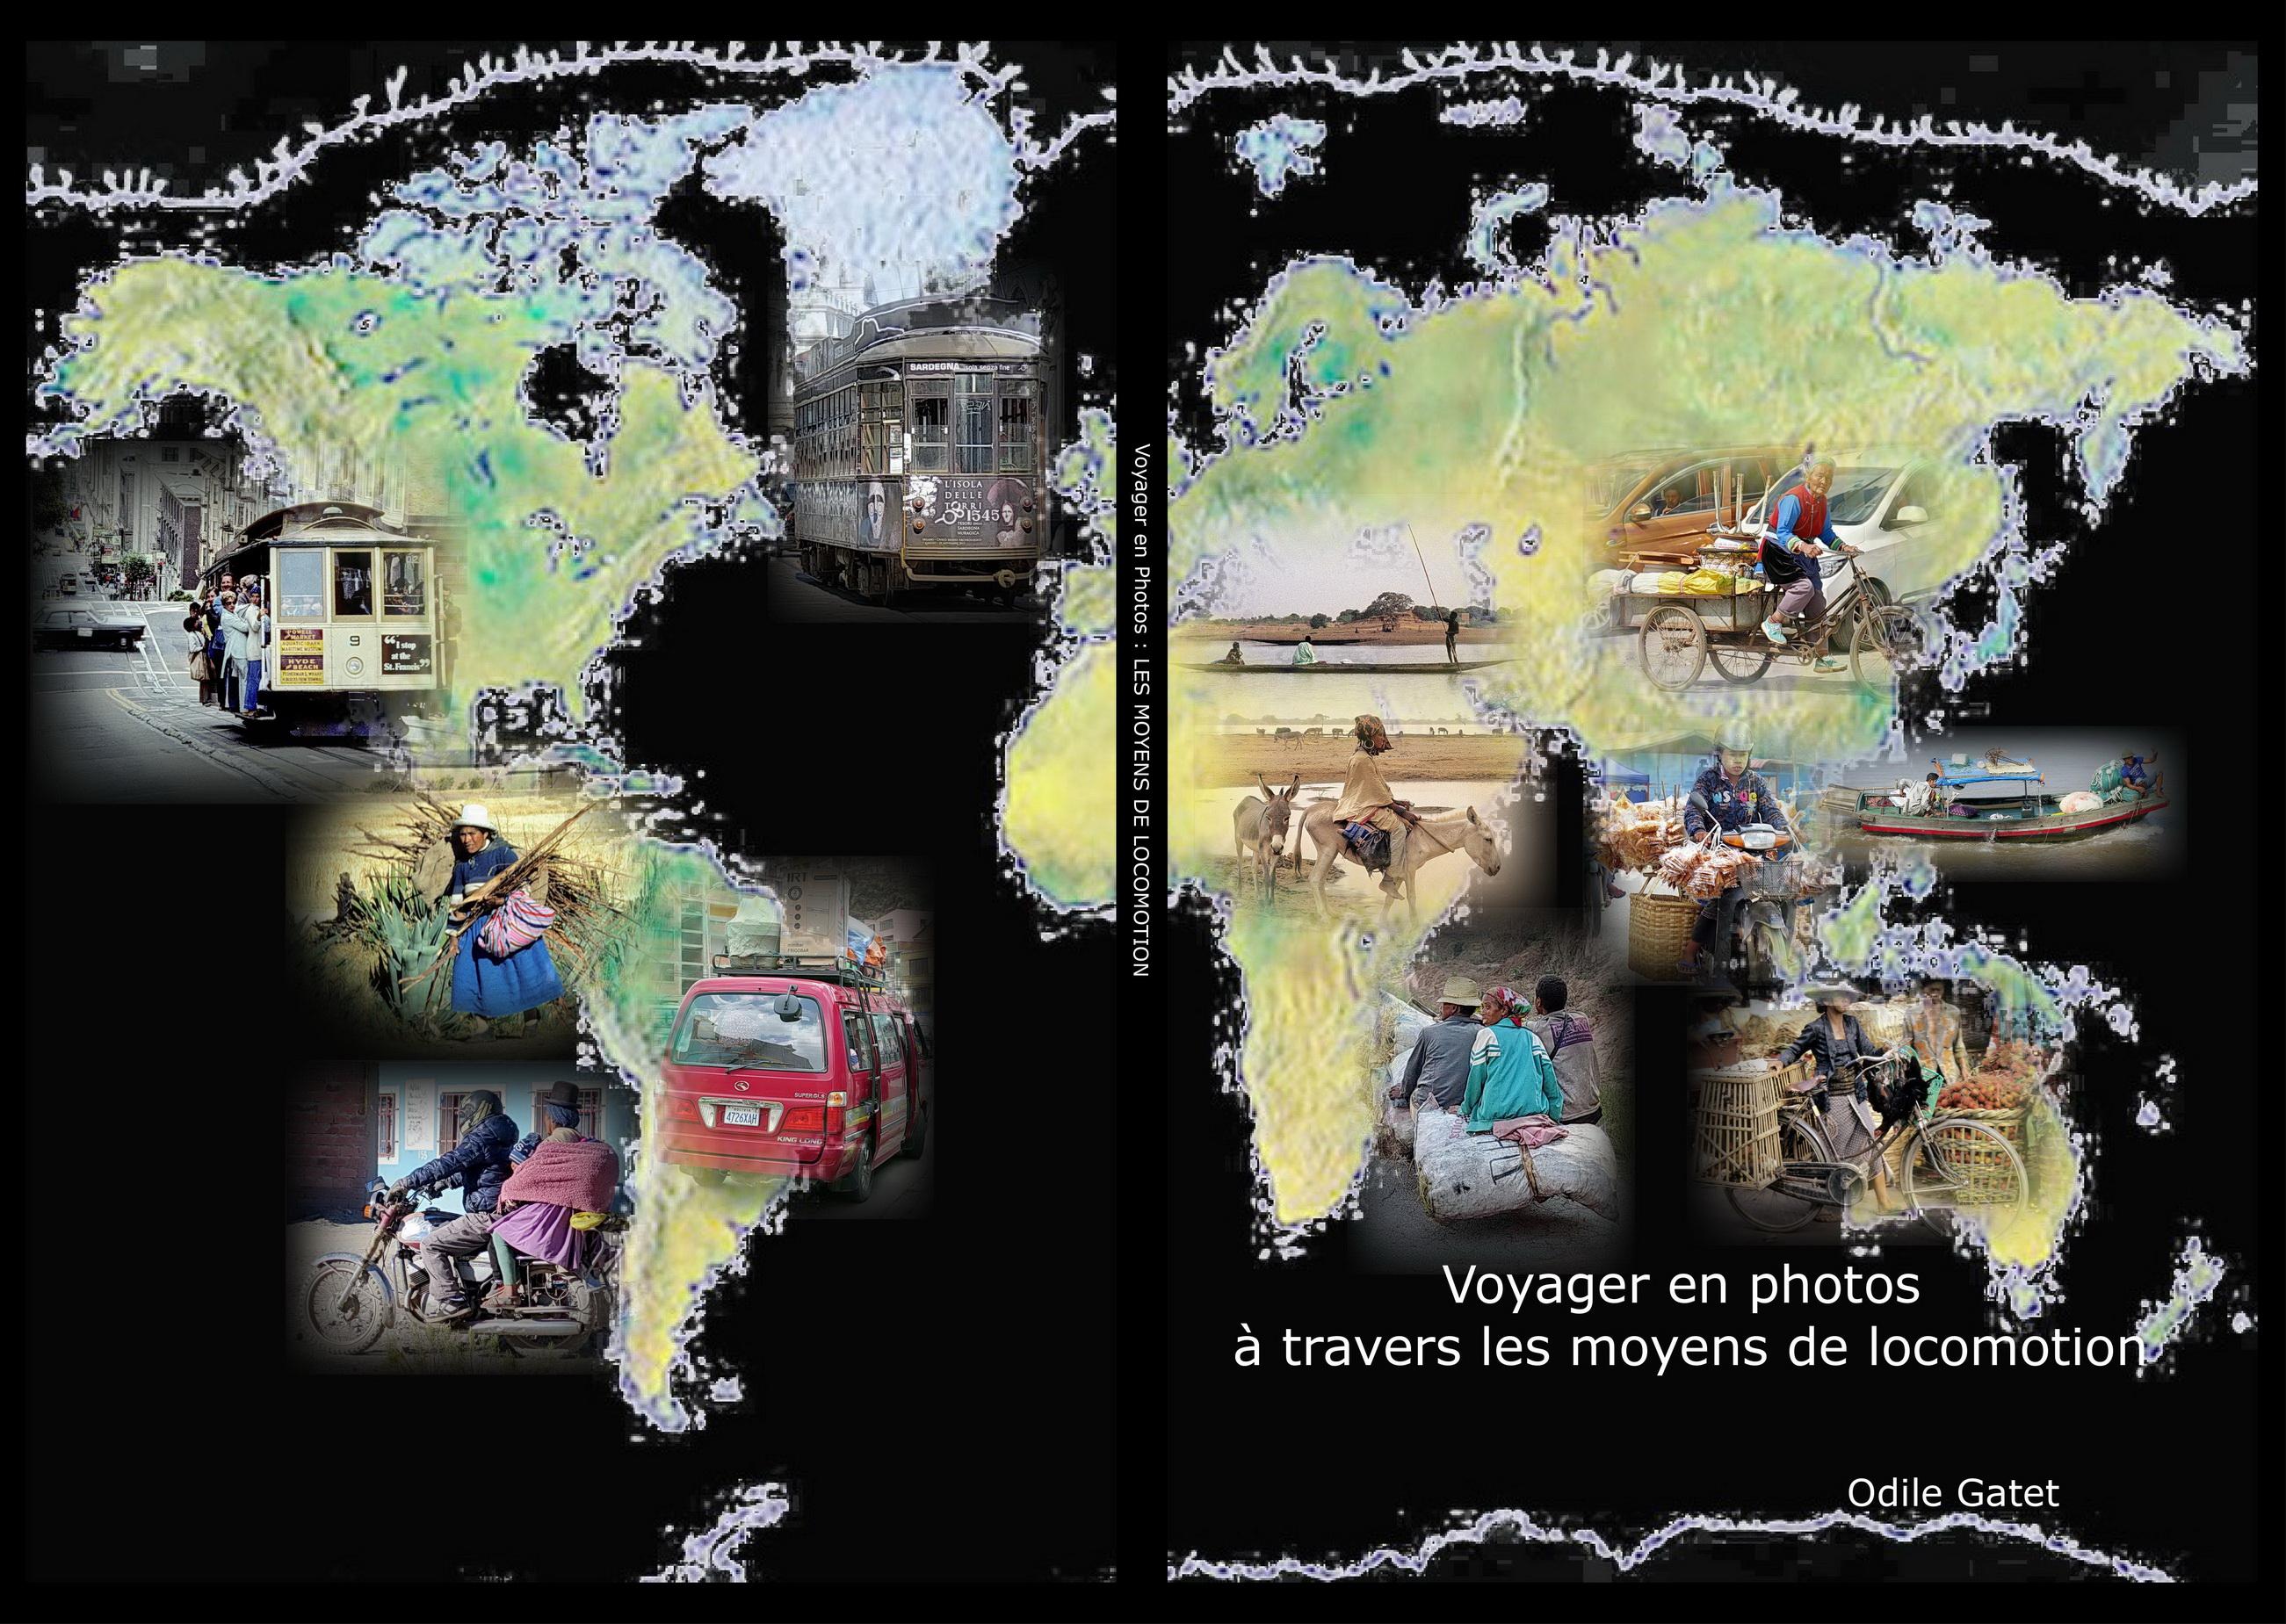 Télécharger Ebook en Pdf de Voyager en photos à travers les moyens de locomotion